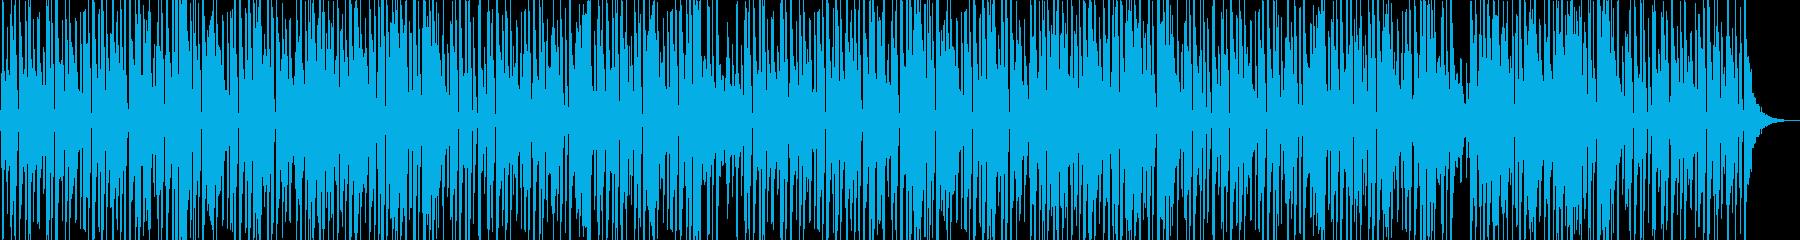 オシャレでアダルティなJazz BGMの再生済みの波形